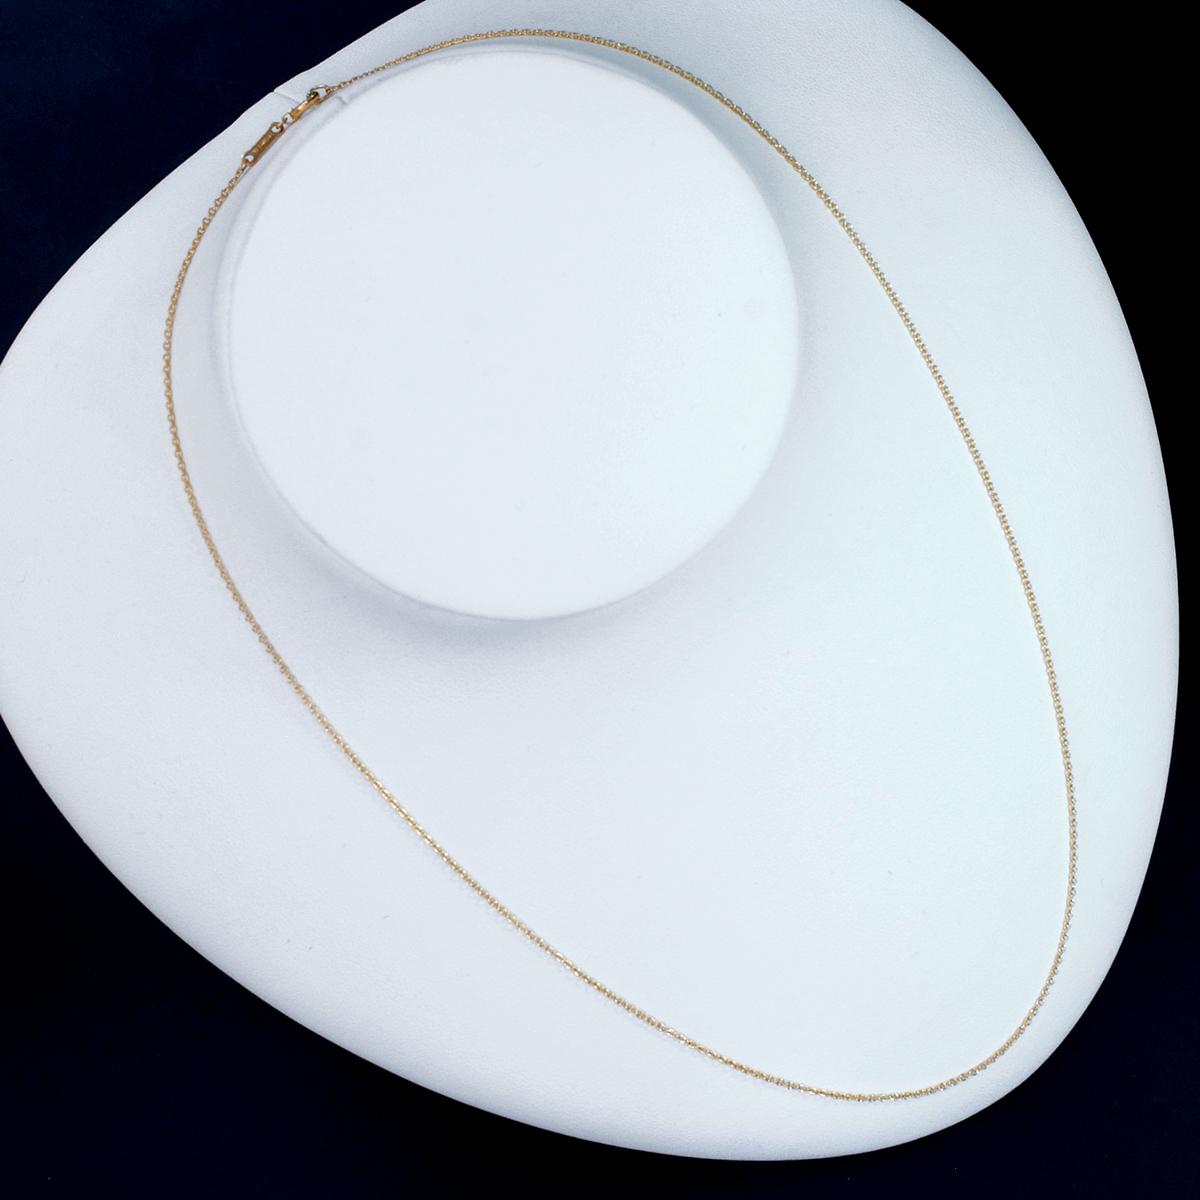 F0005【Tiffany&Co. 1837】ティファニー ペレッティ 最高級18金無垢ネックレス 長さ41.5cm 重量1.52g 幅0.6mm_画像3